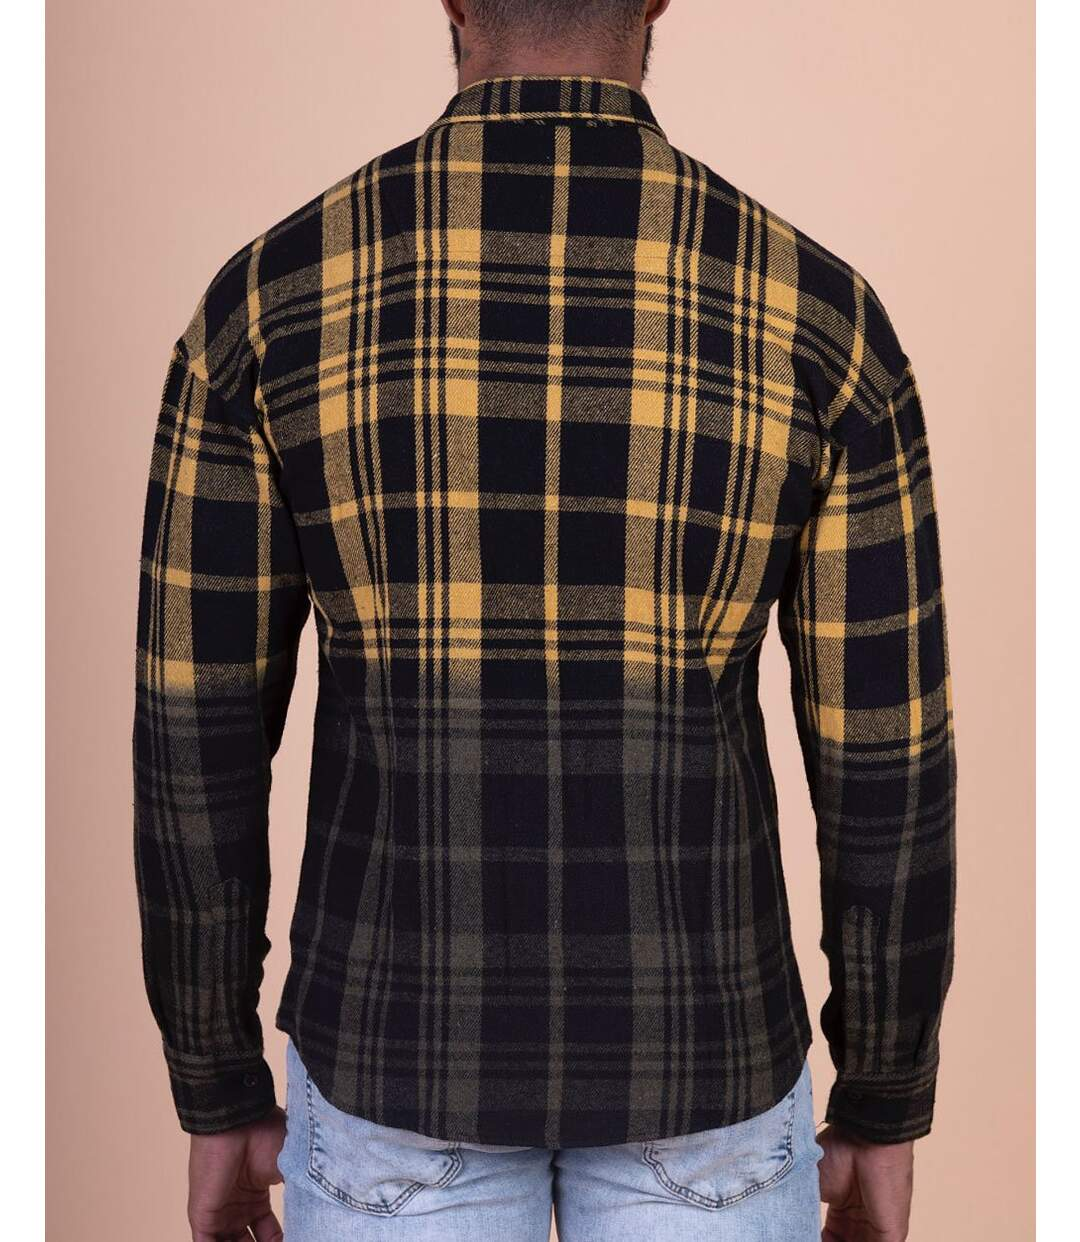 Chemise épaisse à motifs carreaux et coloris dégradé jaune noir pour homme